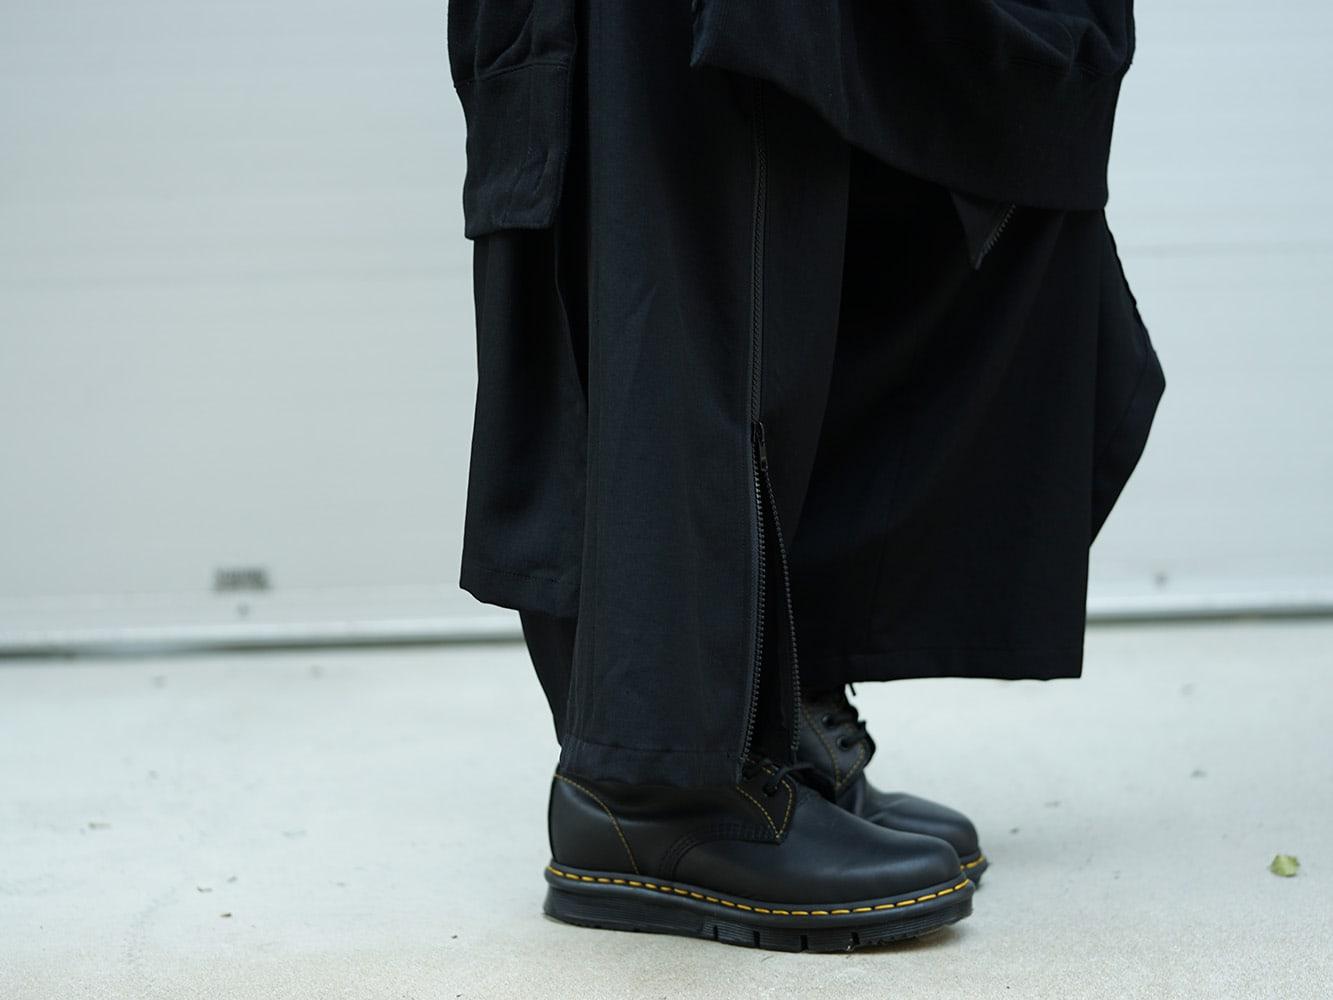 B Yohji Yamamoto 18AW Arm Pit Slit Parka Style 06